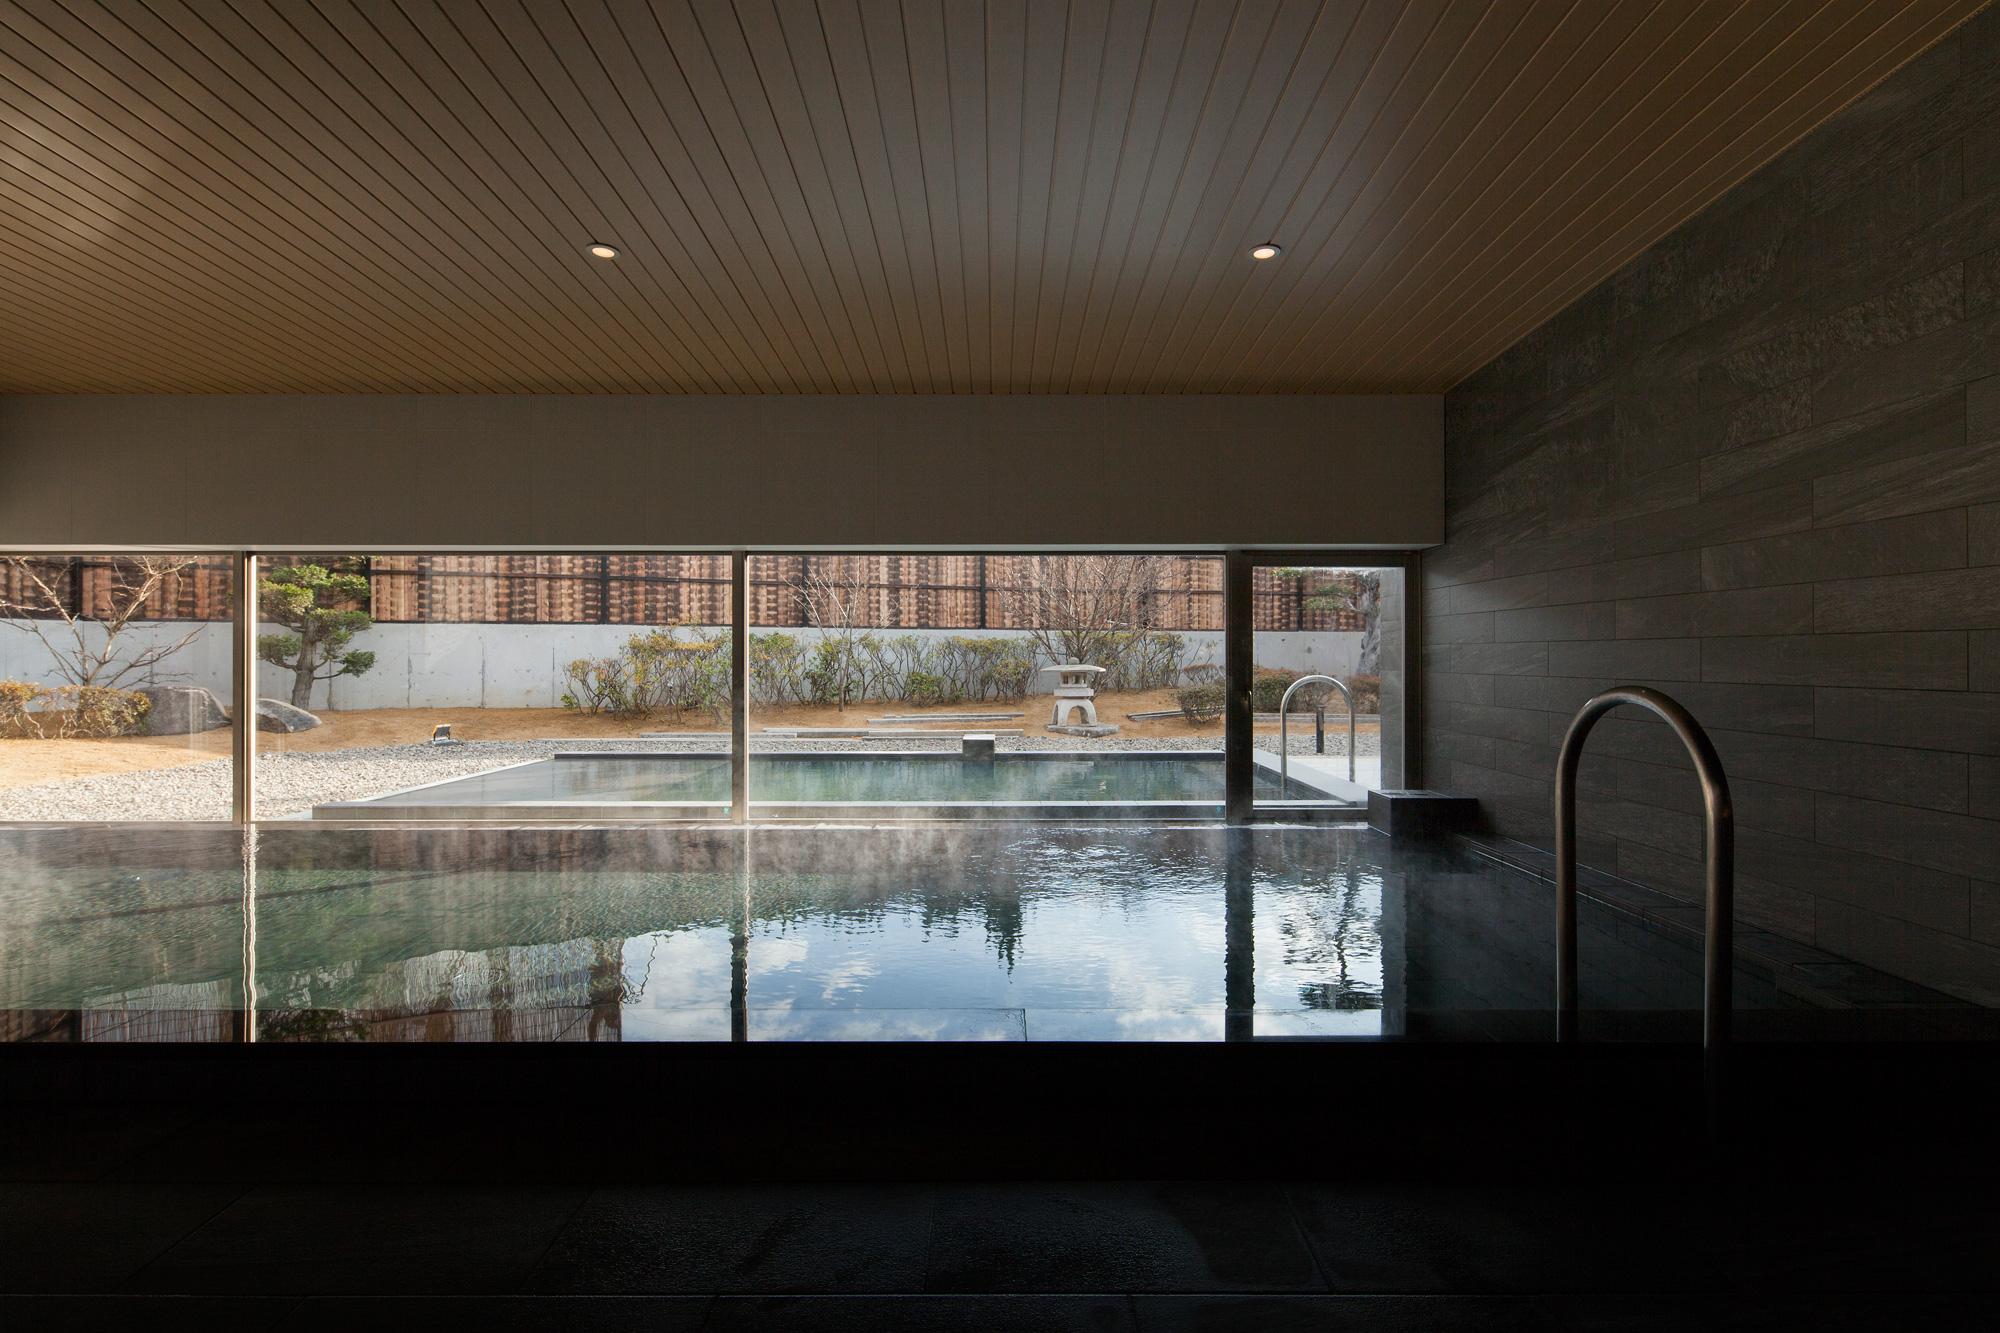 内部から外を見通す: 内湯と外湯が視覚的に連続するようにデザイン。石の壁も外部まで貫通することで連続性を強調しています